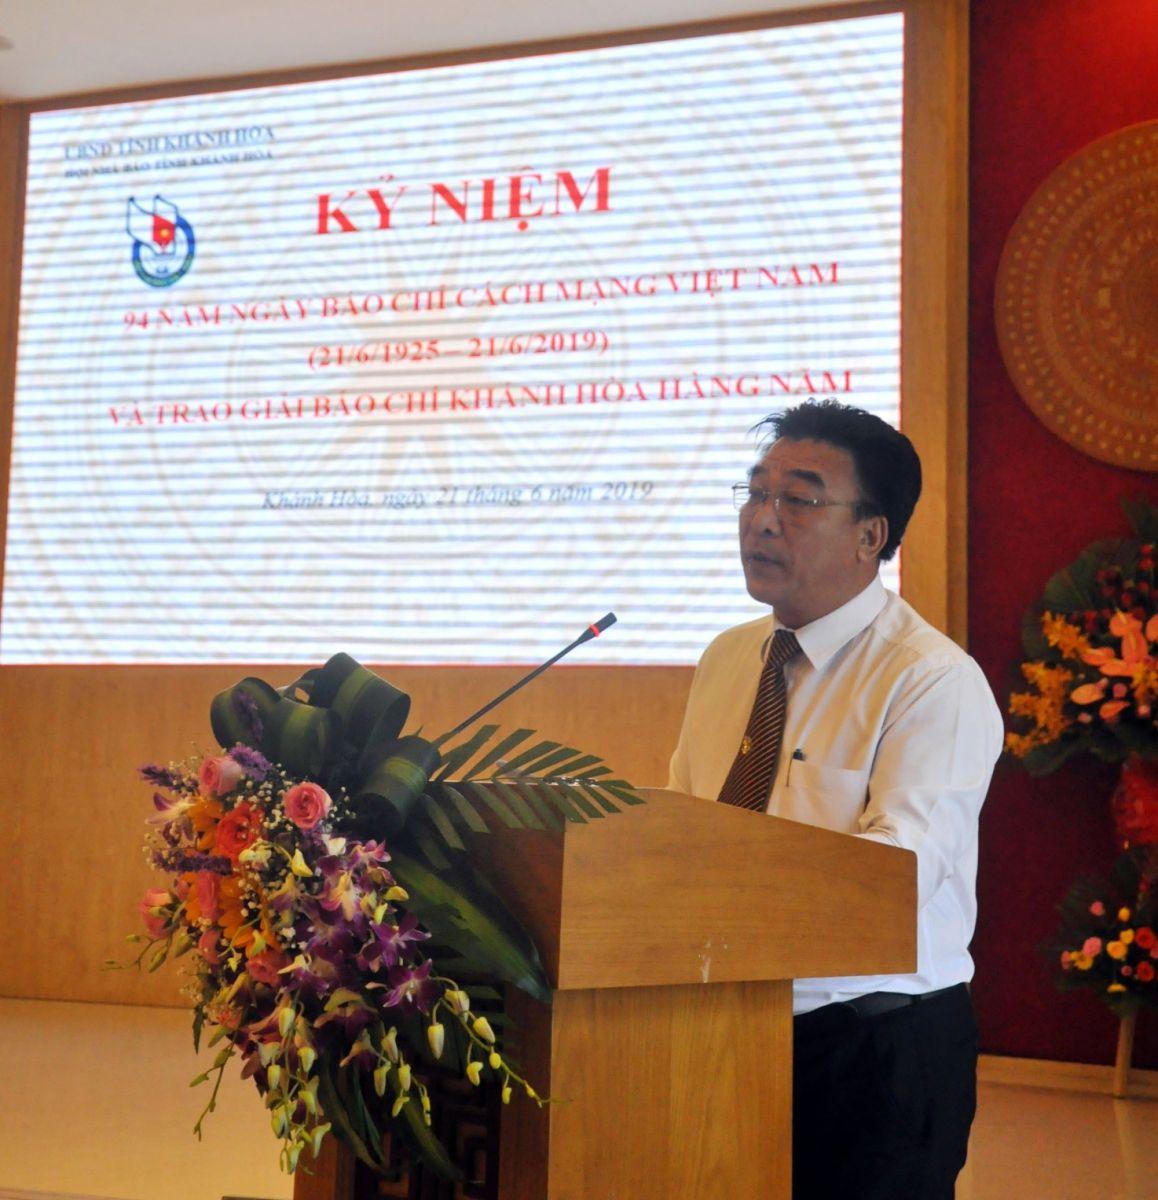 Ông Đoàn Minh Long, UV BCH Hội Nhà Báo Việt Nam, Chủ tịch Hội Nhà Báo Khánh Hòa, tổng kết công tác Báo chí Hội Nhà Báo Khánh Hòa